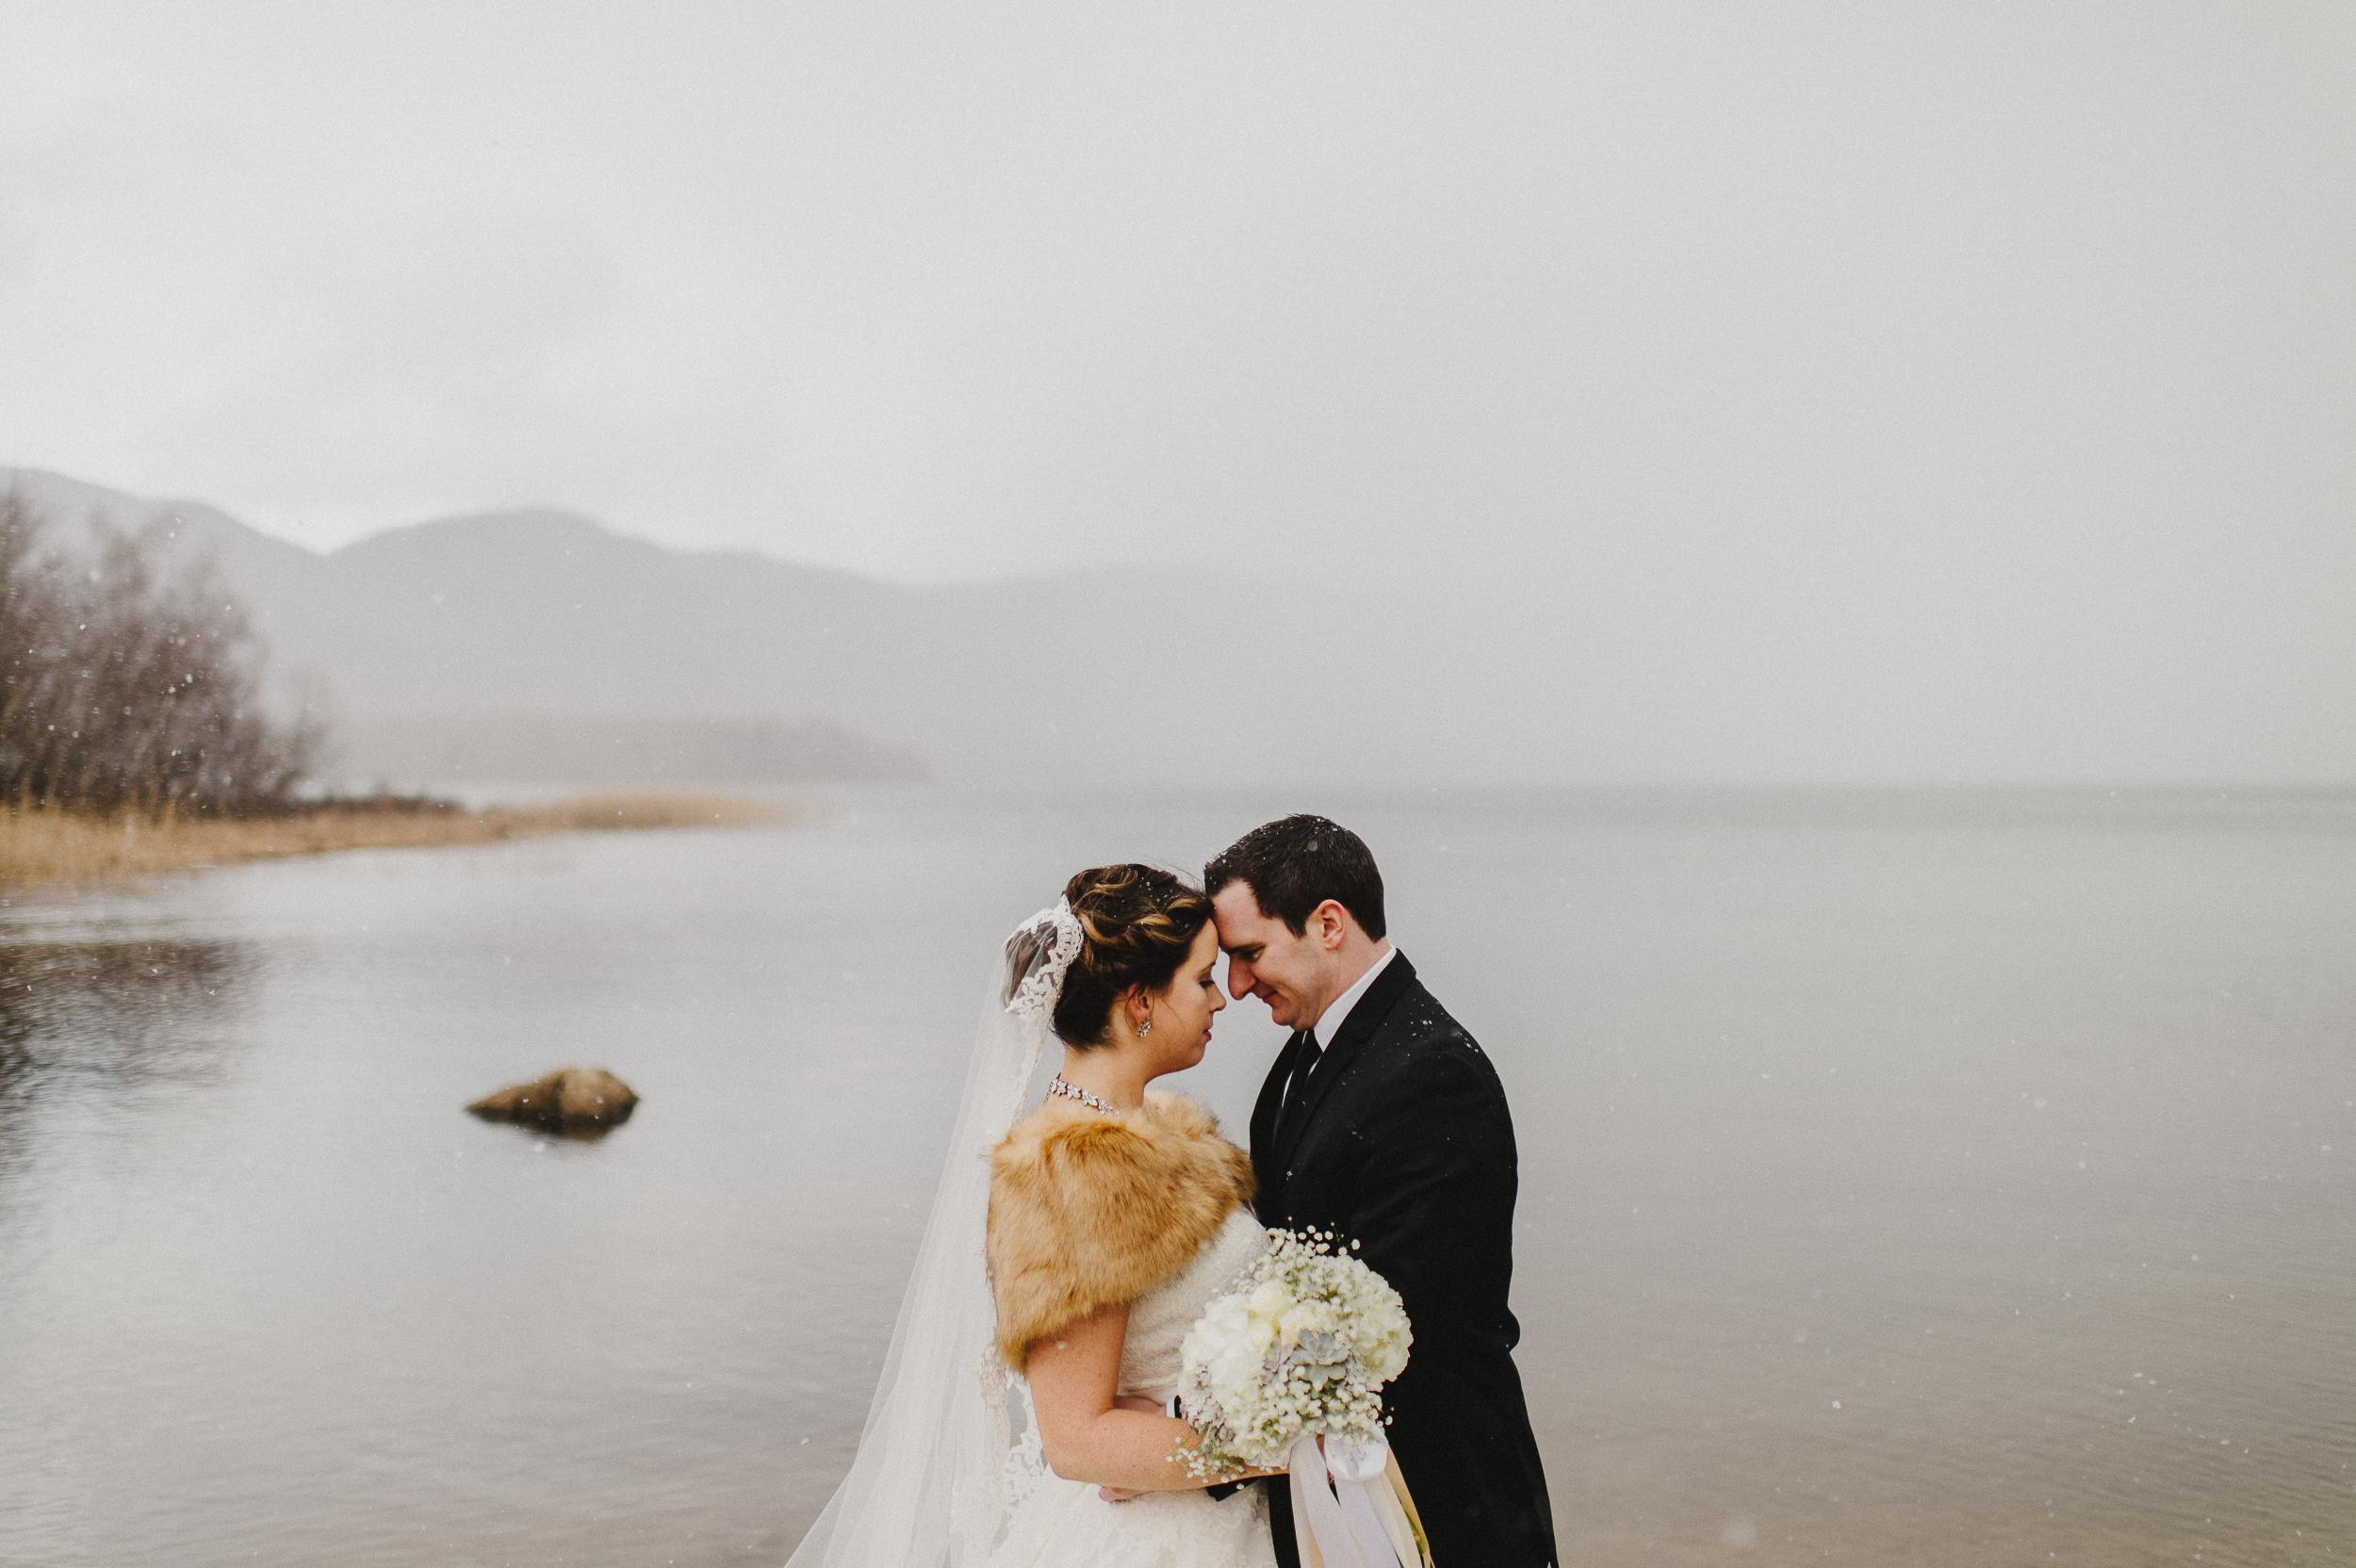 vermont-destination-wedding-photographer-29.jpg